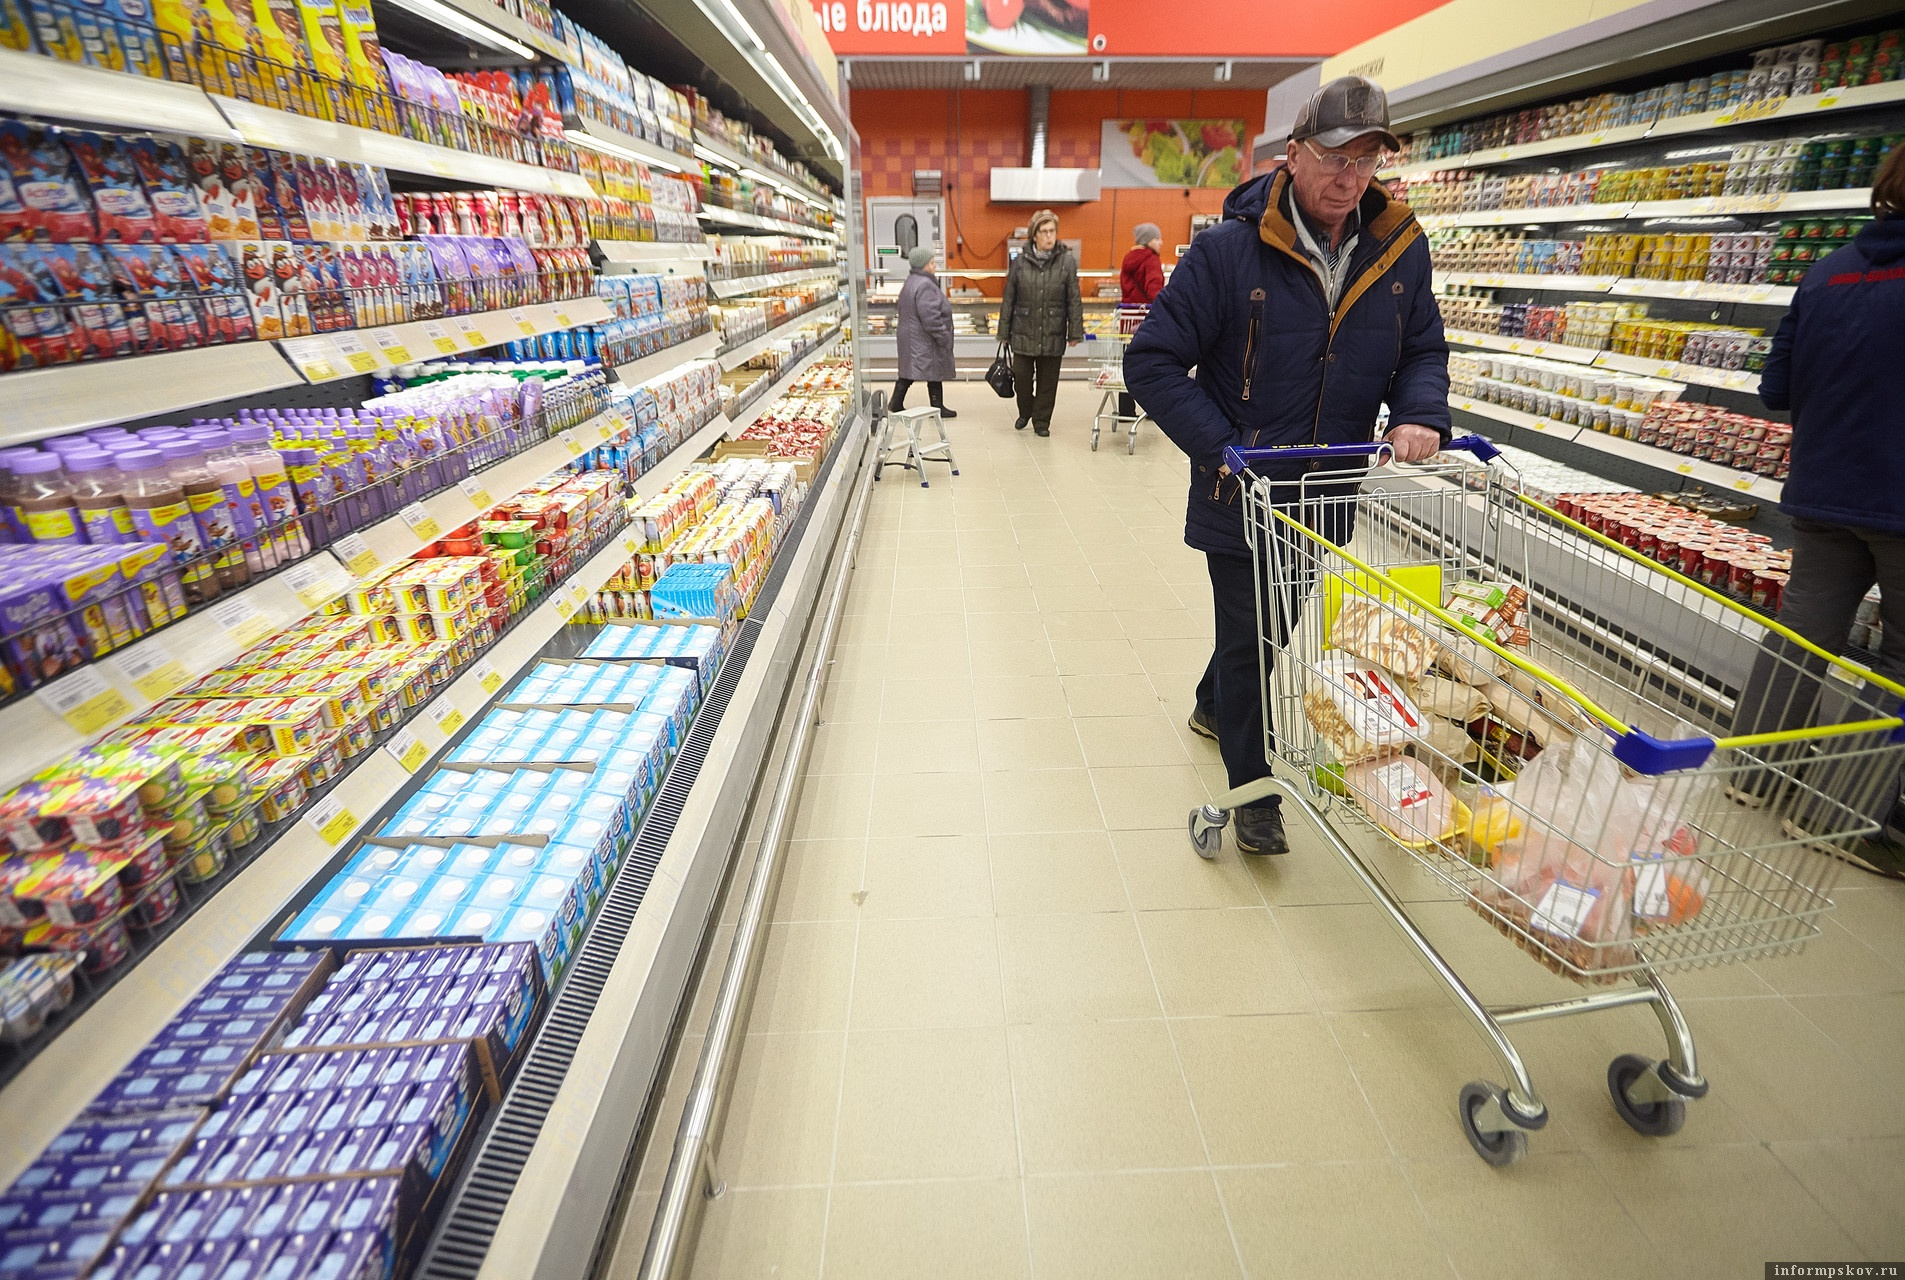 Из-за ложного сообщения о минировании магазинов целой сети торговой сети спецслужбам пришлось проверять все 443 магазина. Фото: Дарья Хваткова.